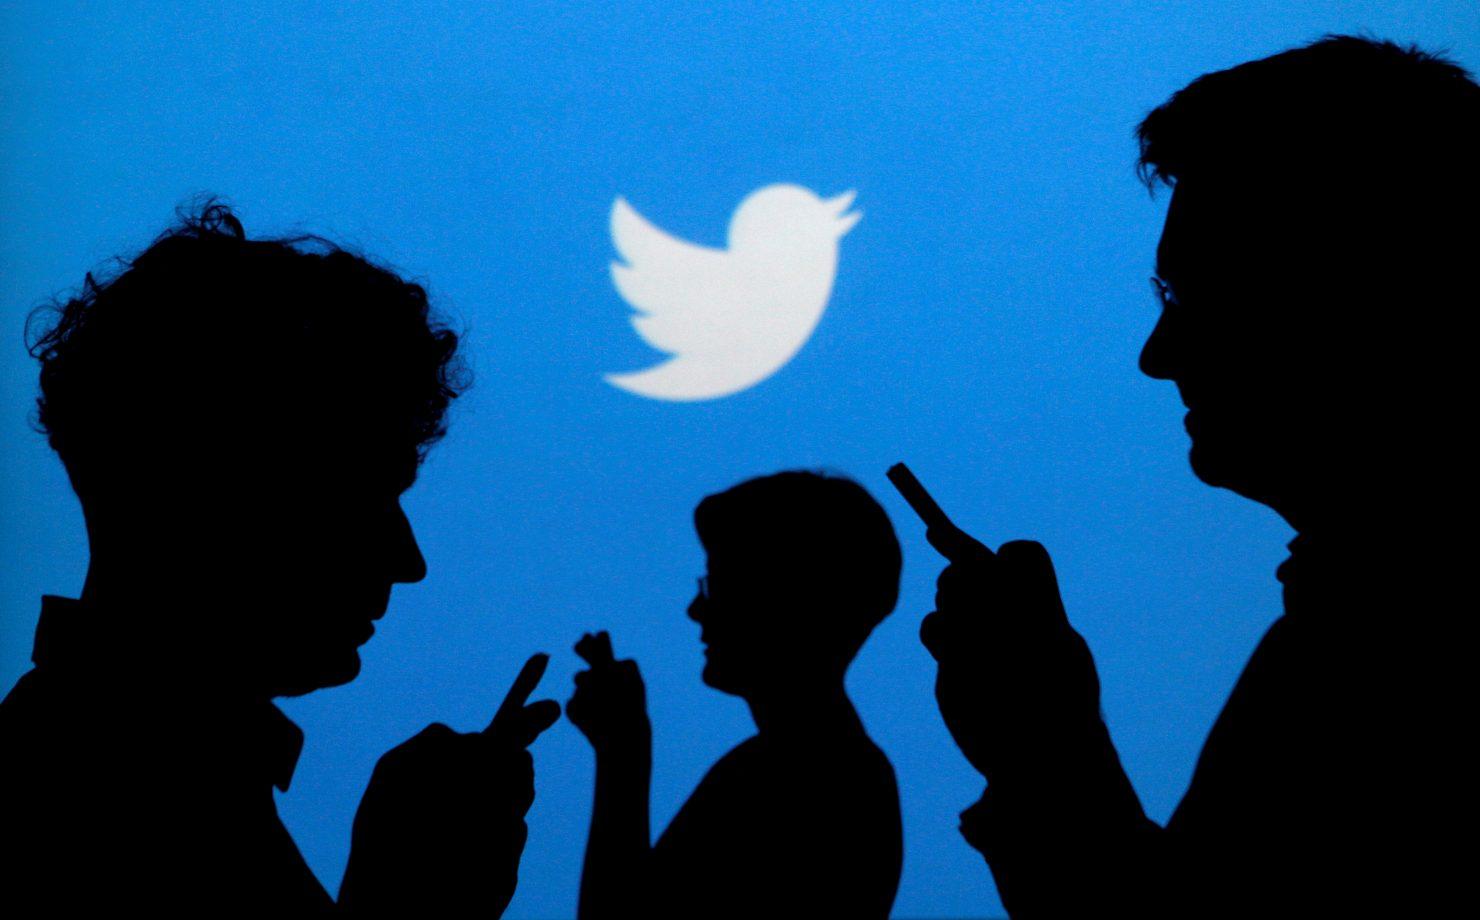 Nestas Comunidades, as pessoas irão interagir entre si e poderão ser segmentadas por assuntos ou até mesmo hashtags.